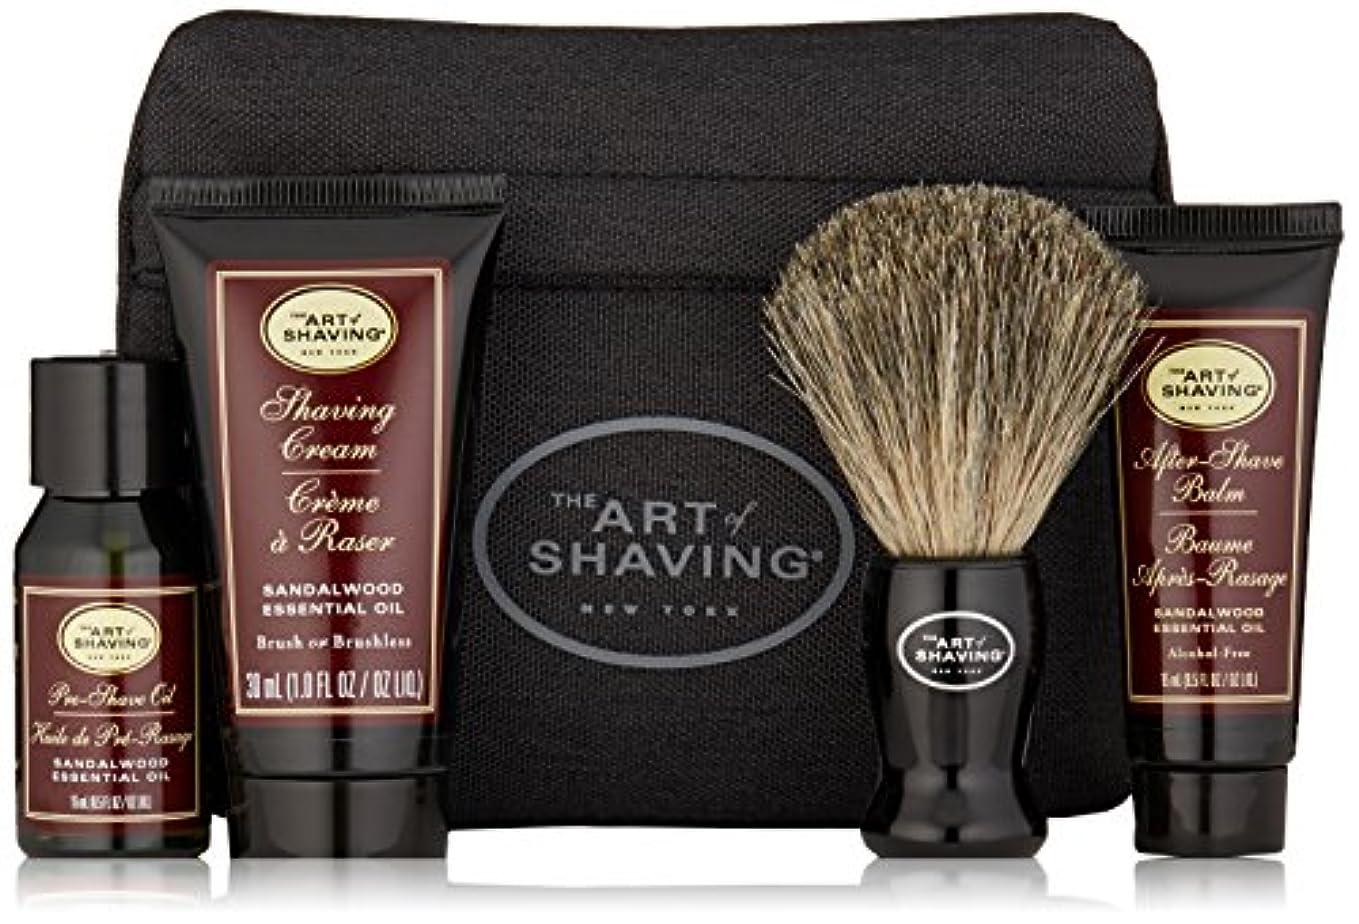 フェンス誰でも執着アートオブシェービング Starter Kit - Sandalwood: Pre Shave Oil + Shaving Cream + After Shave Balm + Brush + Bag 4pcs + 1Bag...